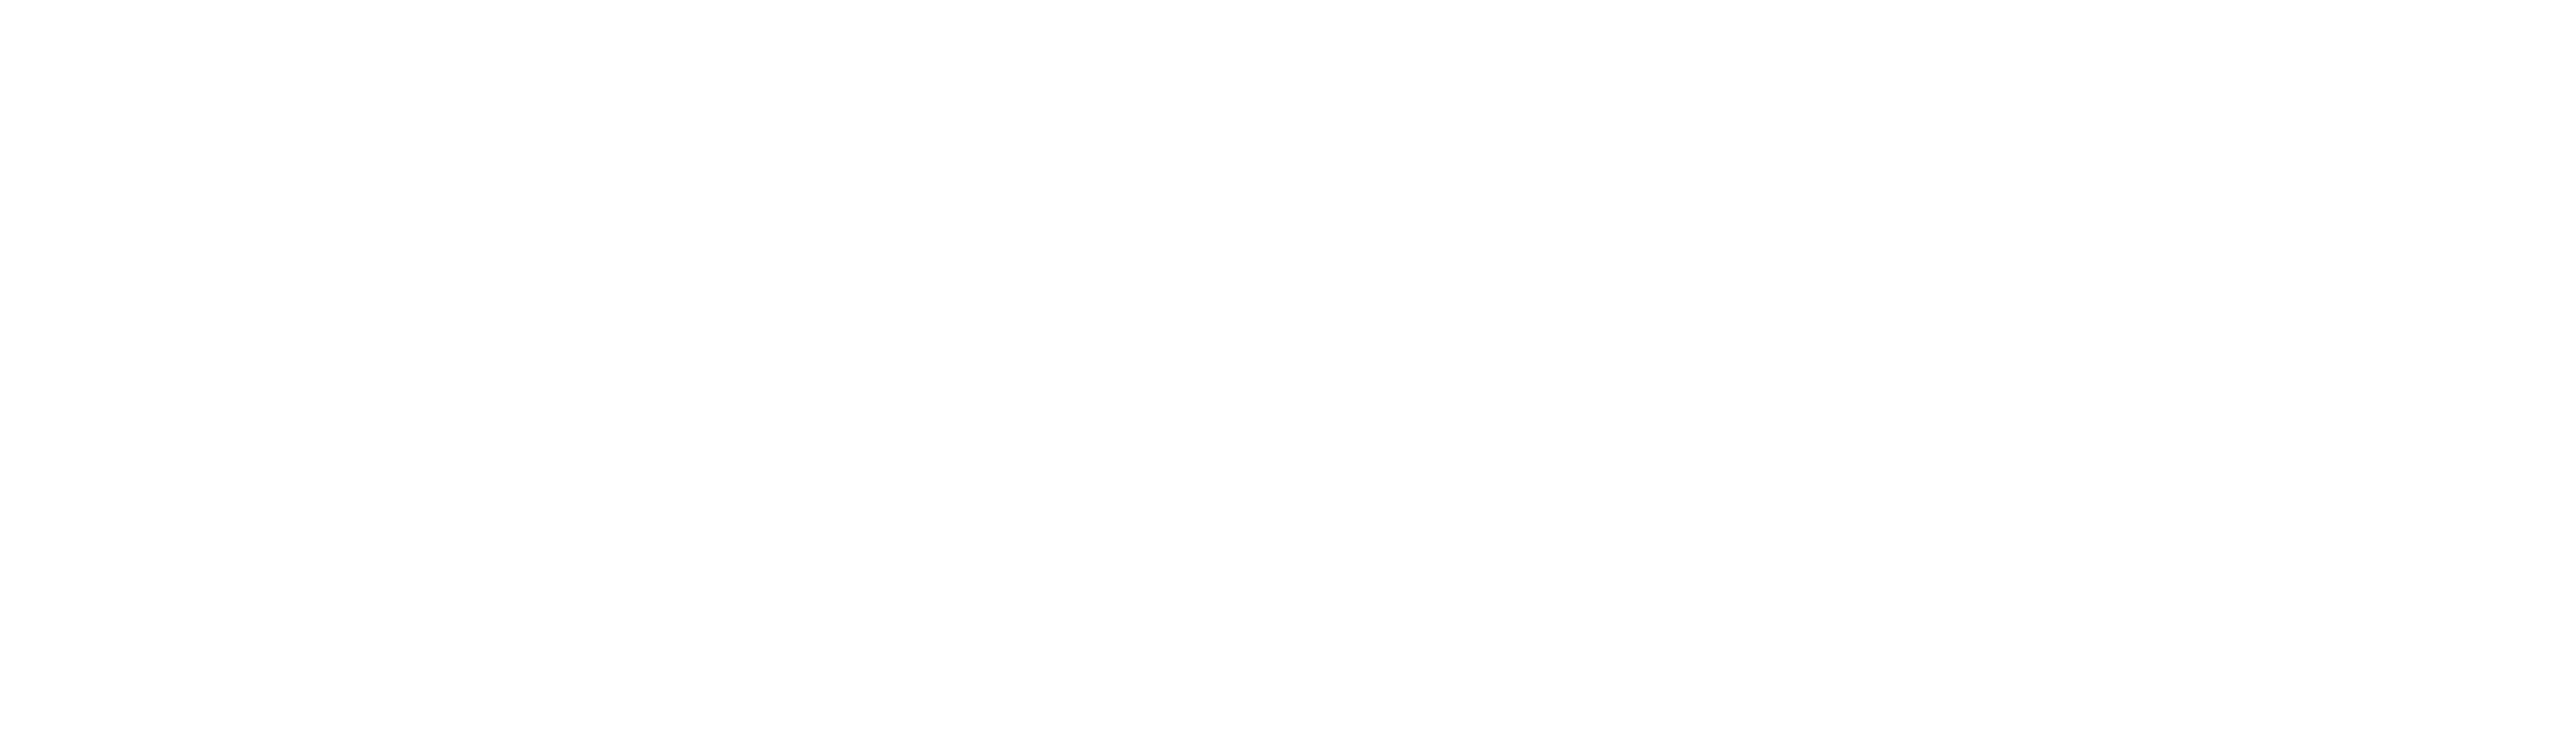 baddyboy